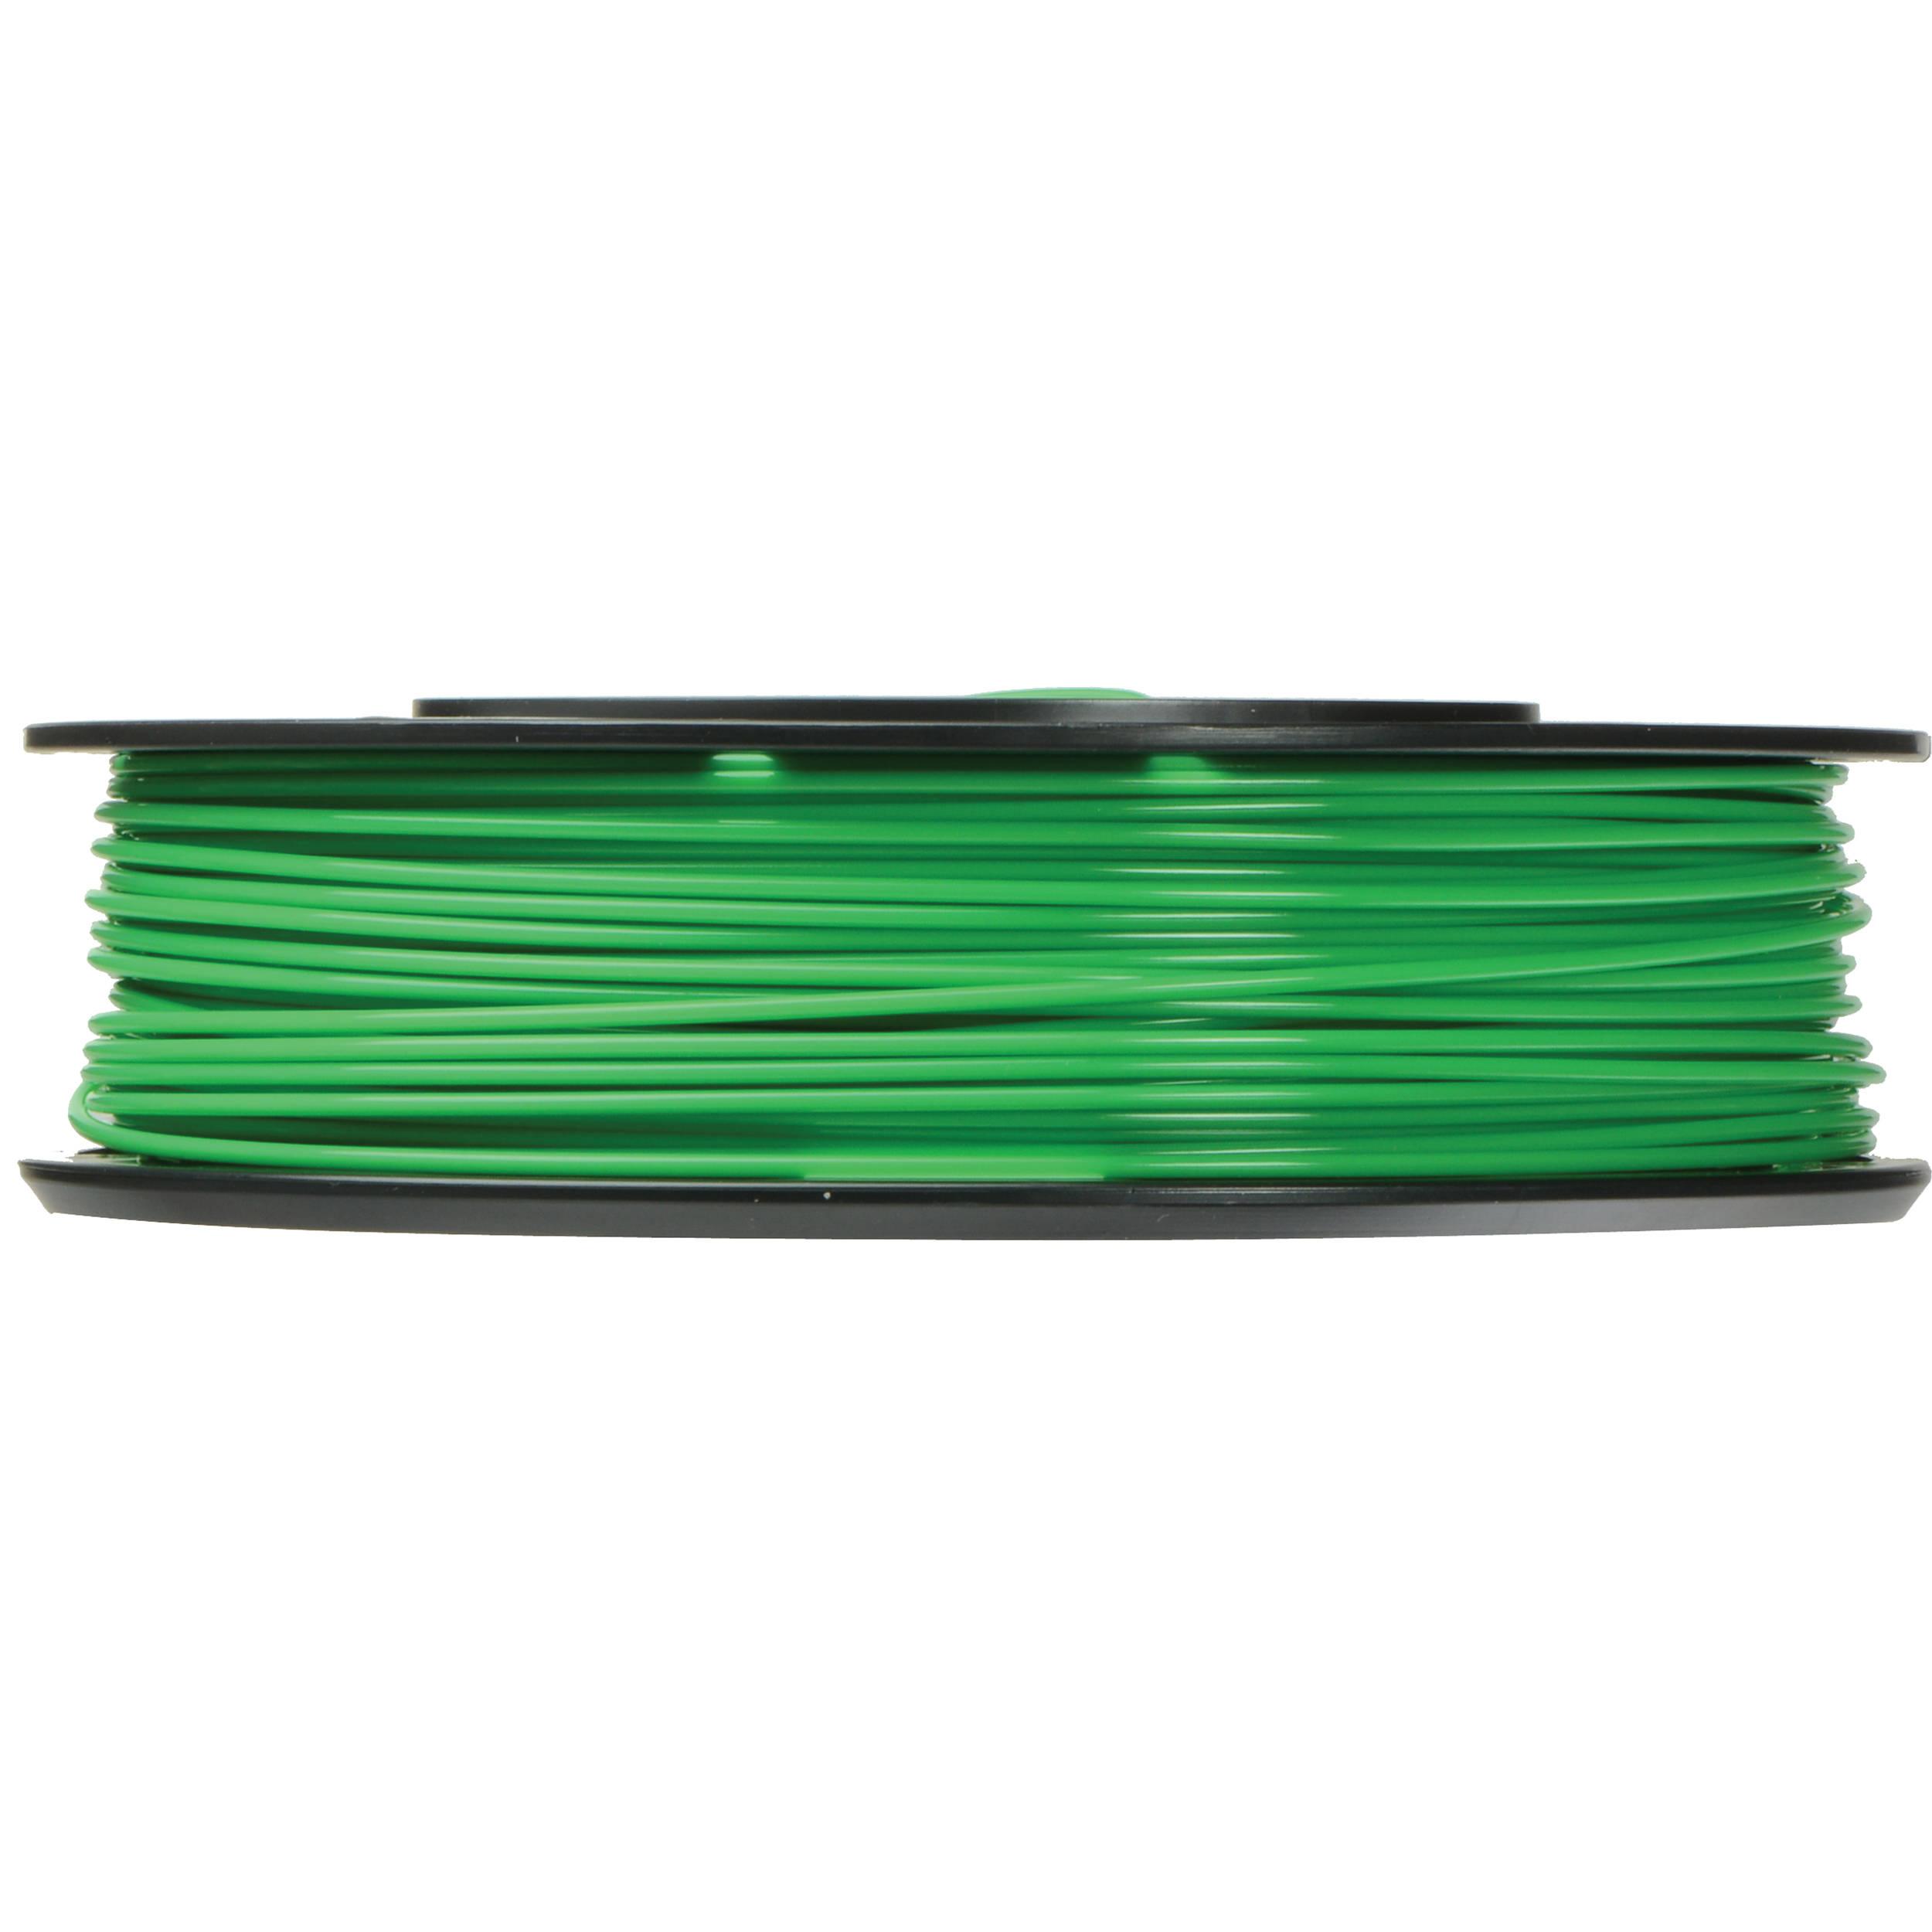 MakerBot 1.75mm PLA Filament (Small Spool, 0.5 lb, True Green)